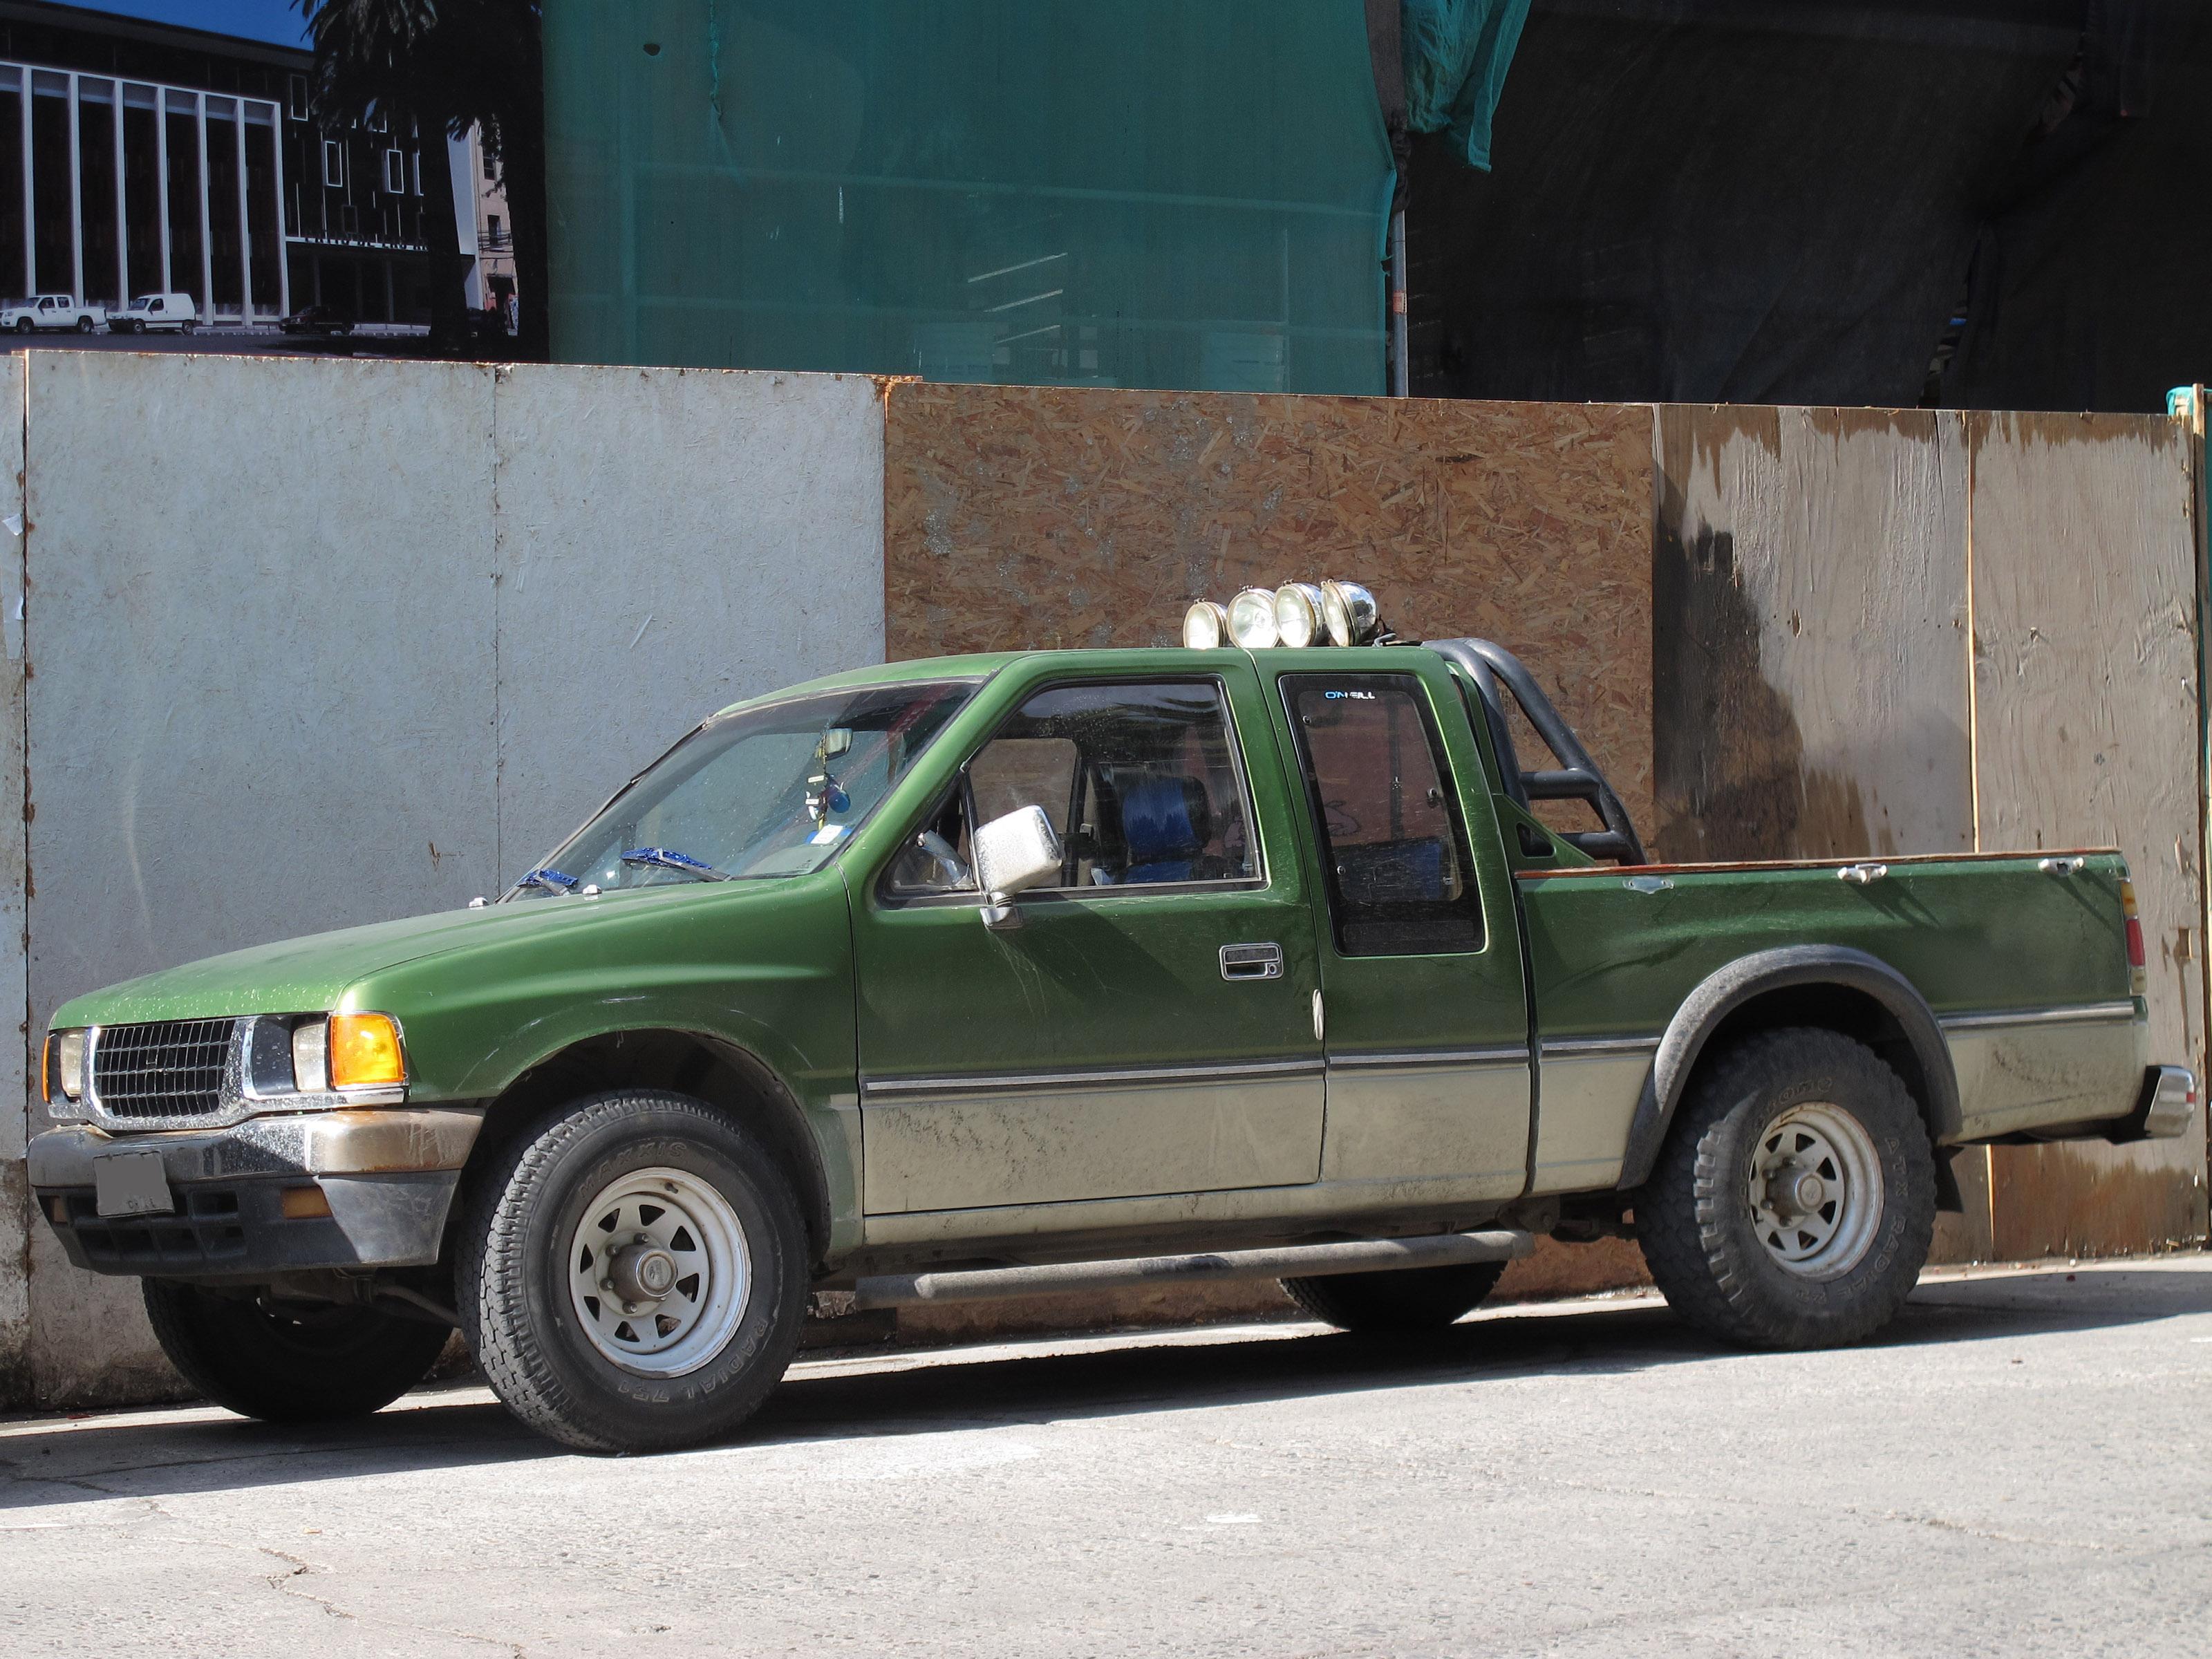 File:Chevrolet Luv 2300 DLX Space Cab 1994 (16847121763).jpg